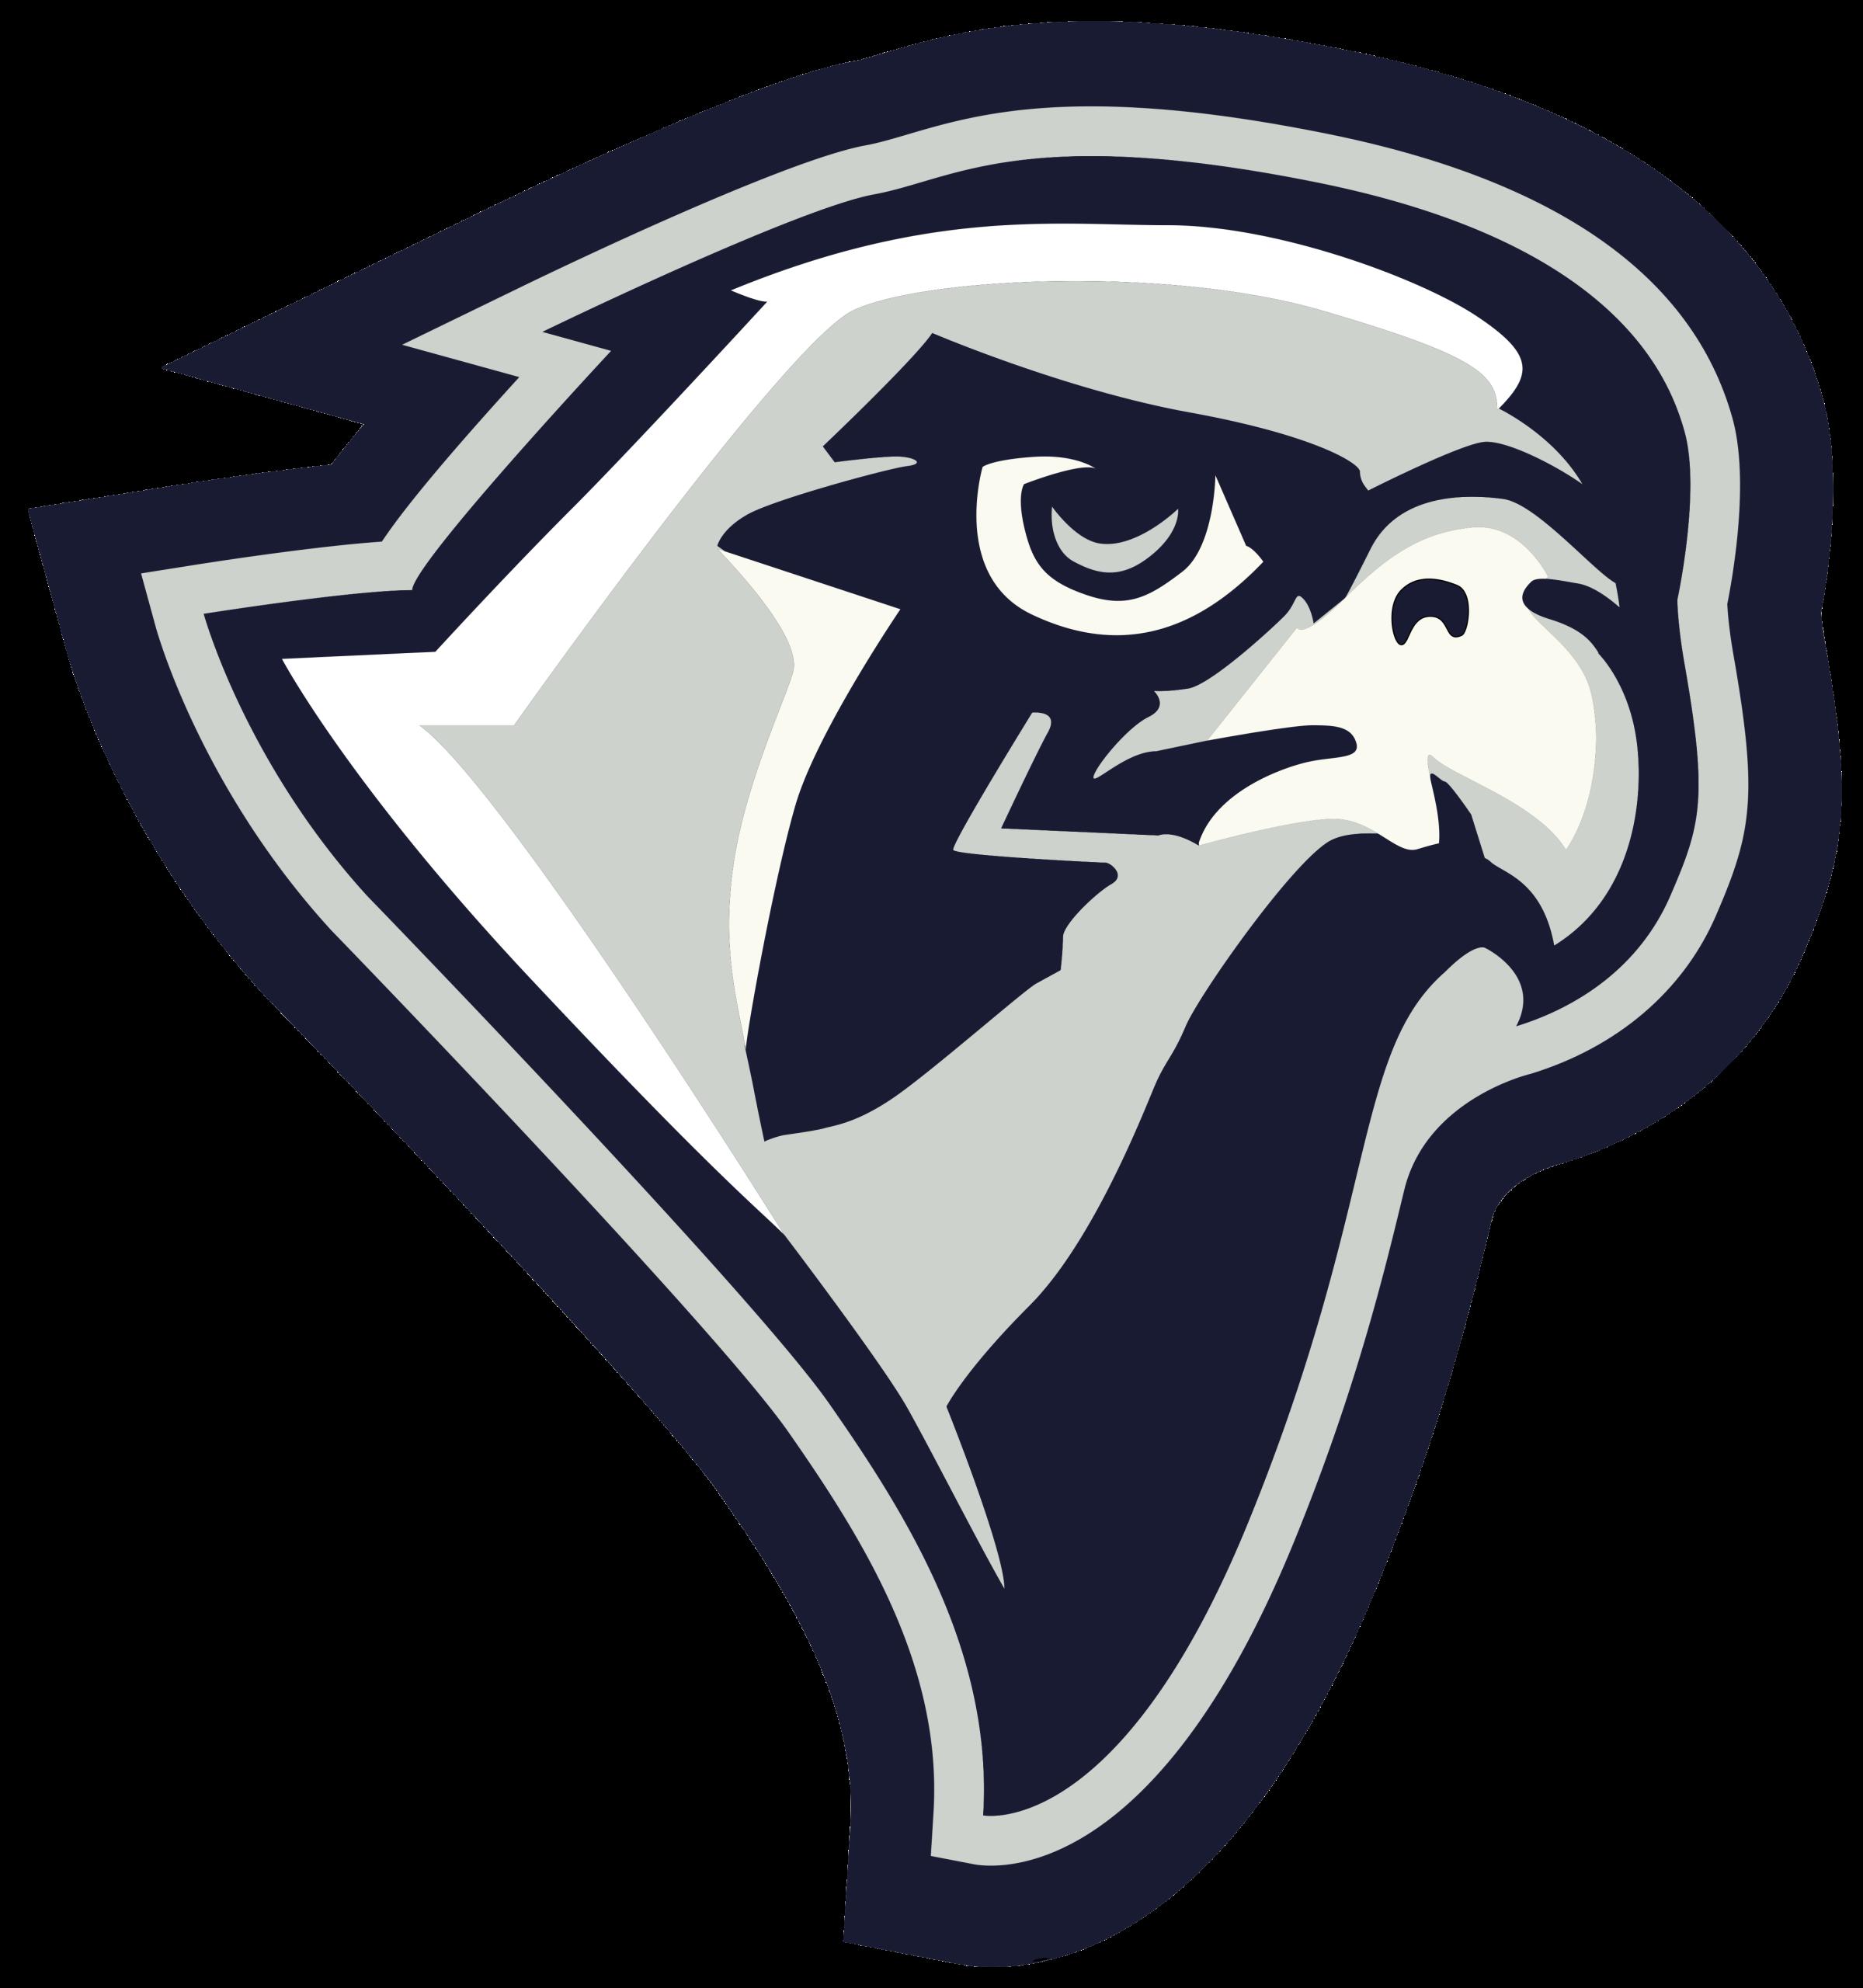 Lifegate head . Falcon clipart mascot